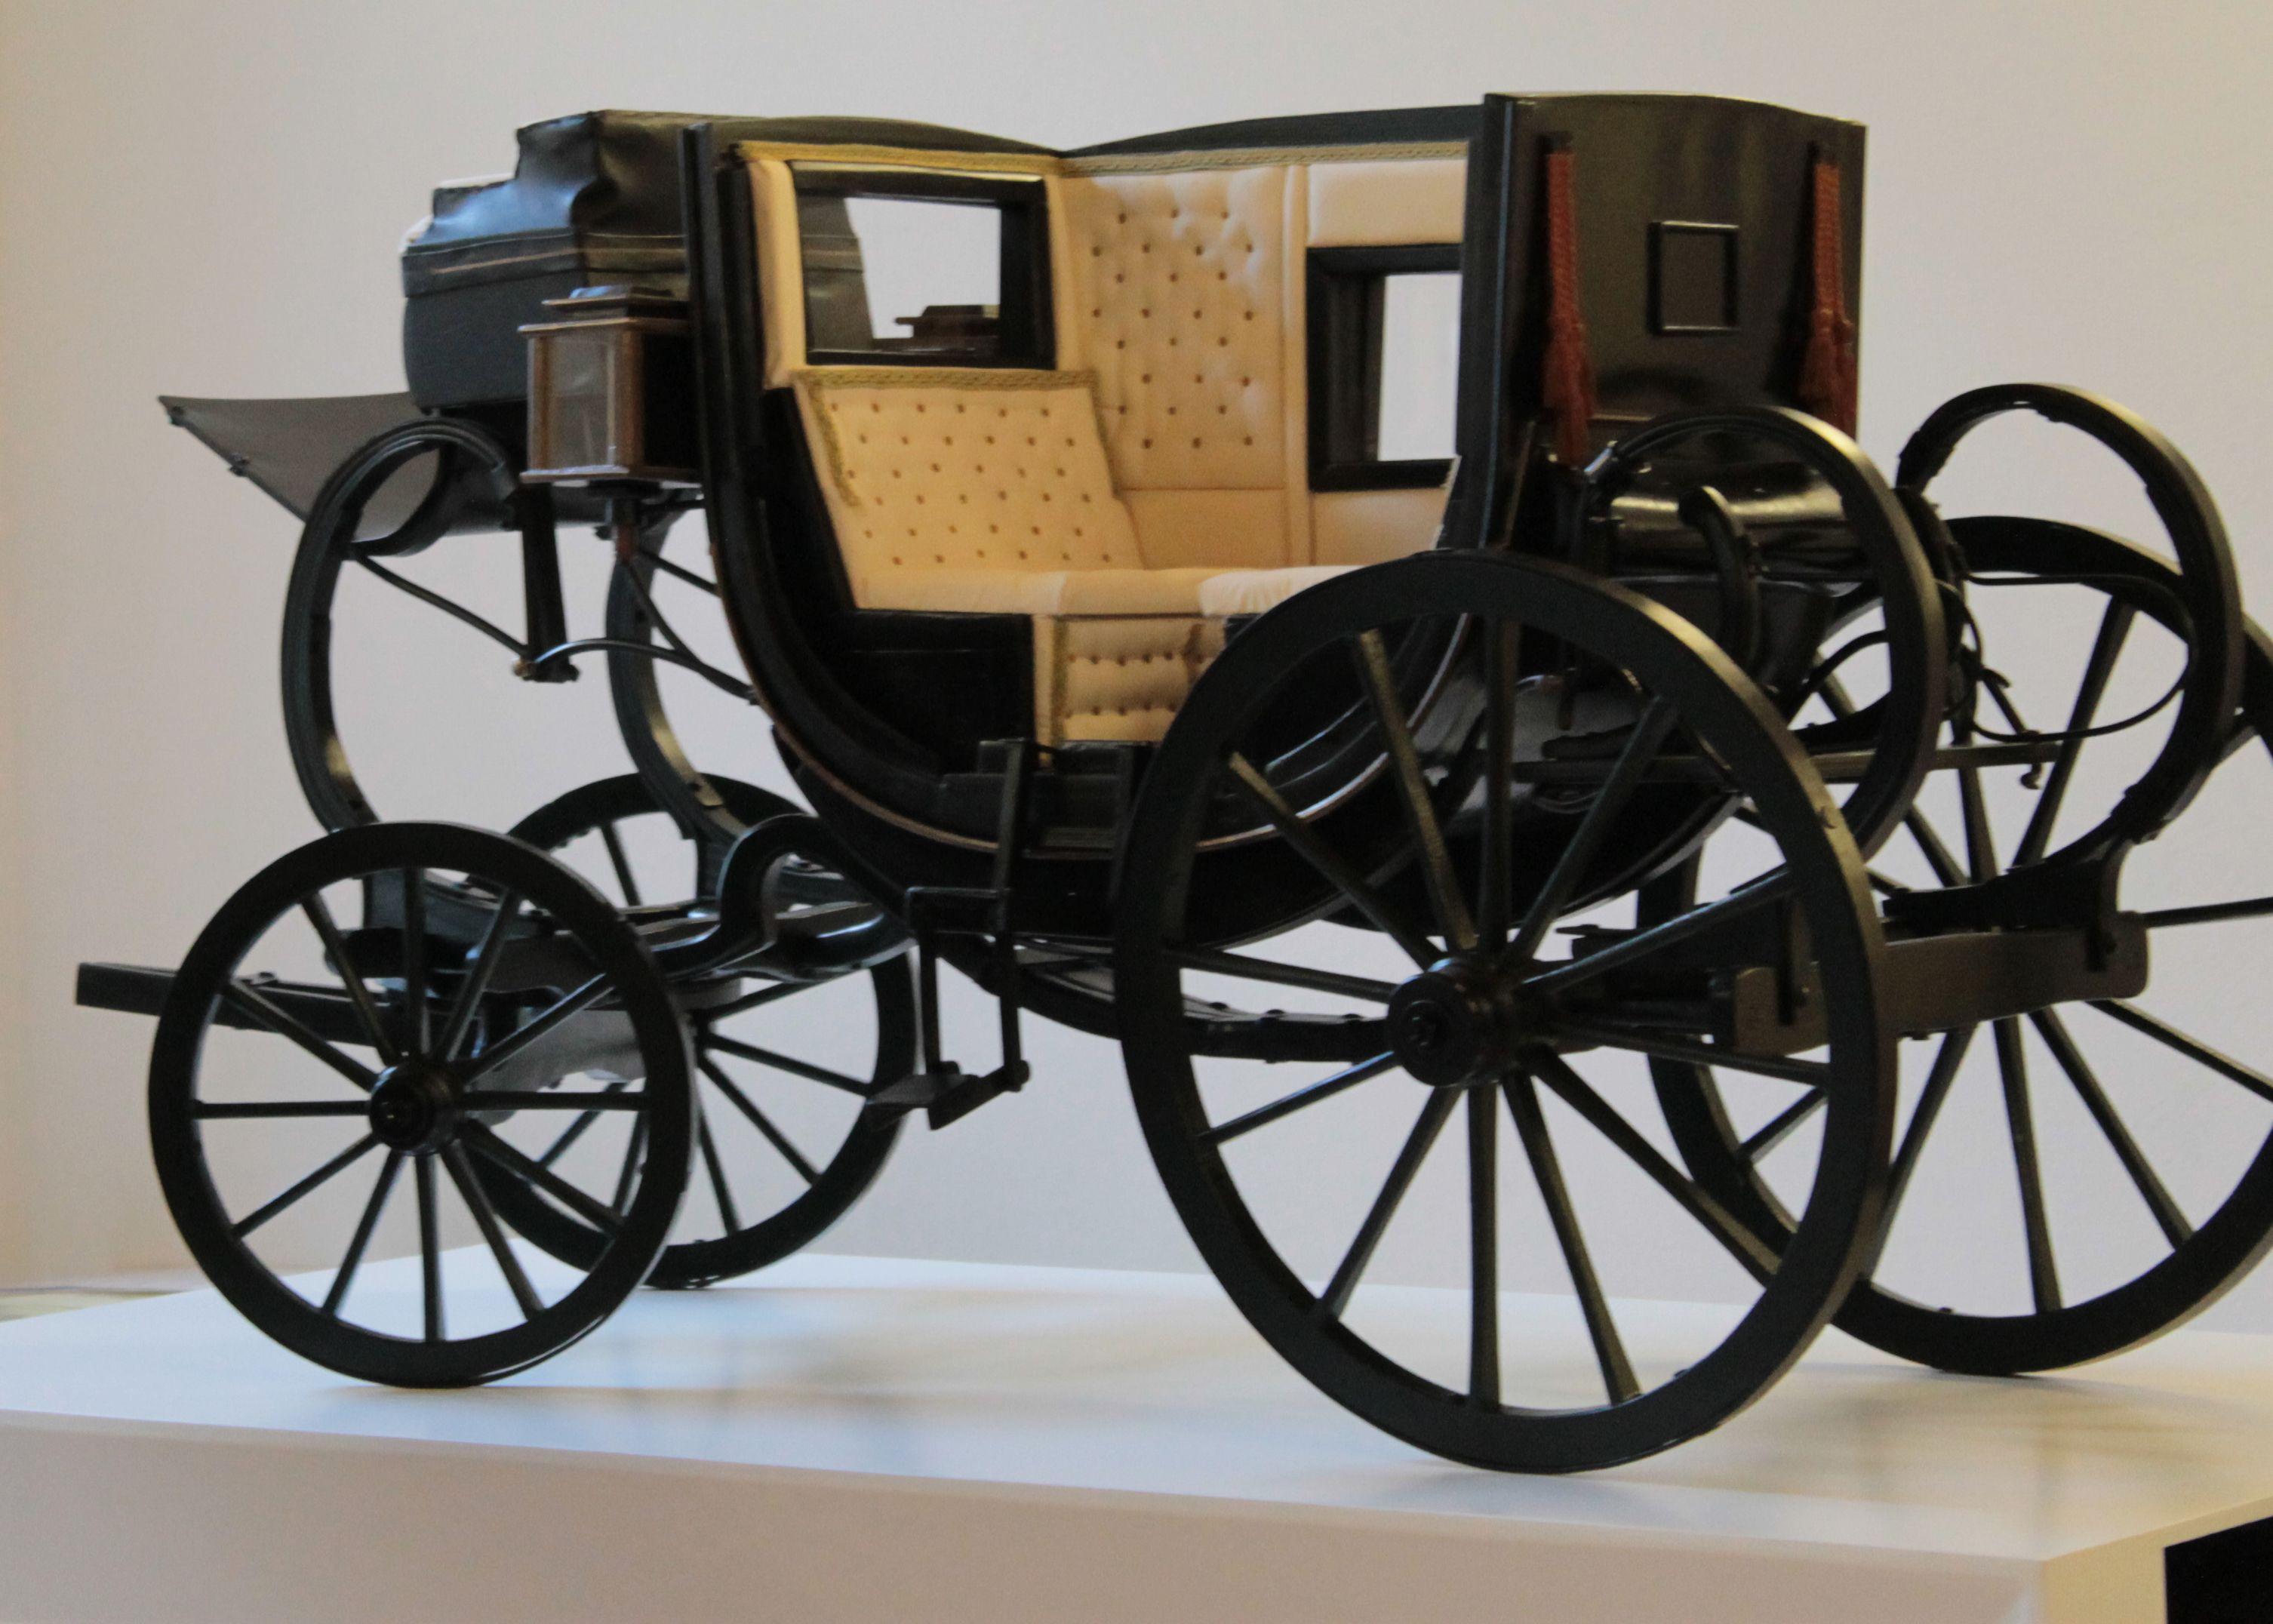 Modello in scala 1 3 di carrozza berlina del 1800 realizzata per il Museo della